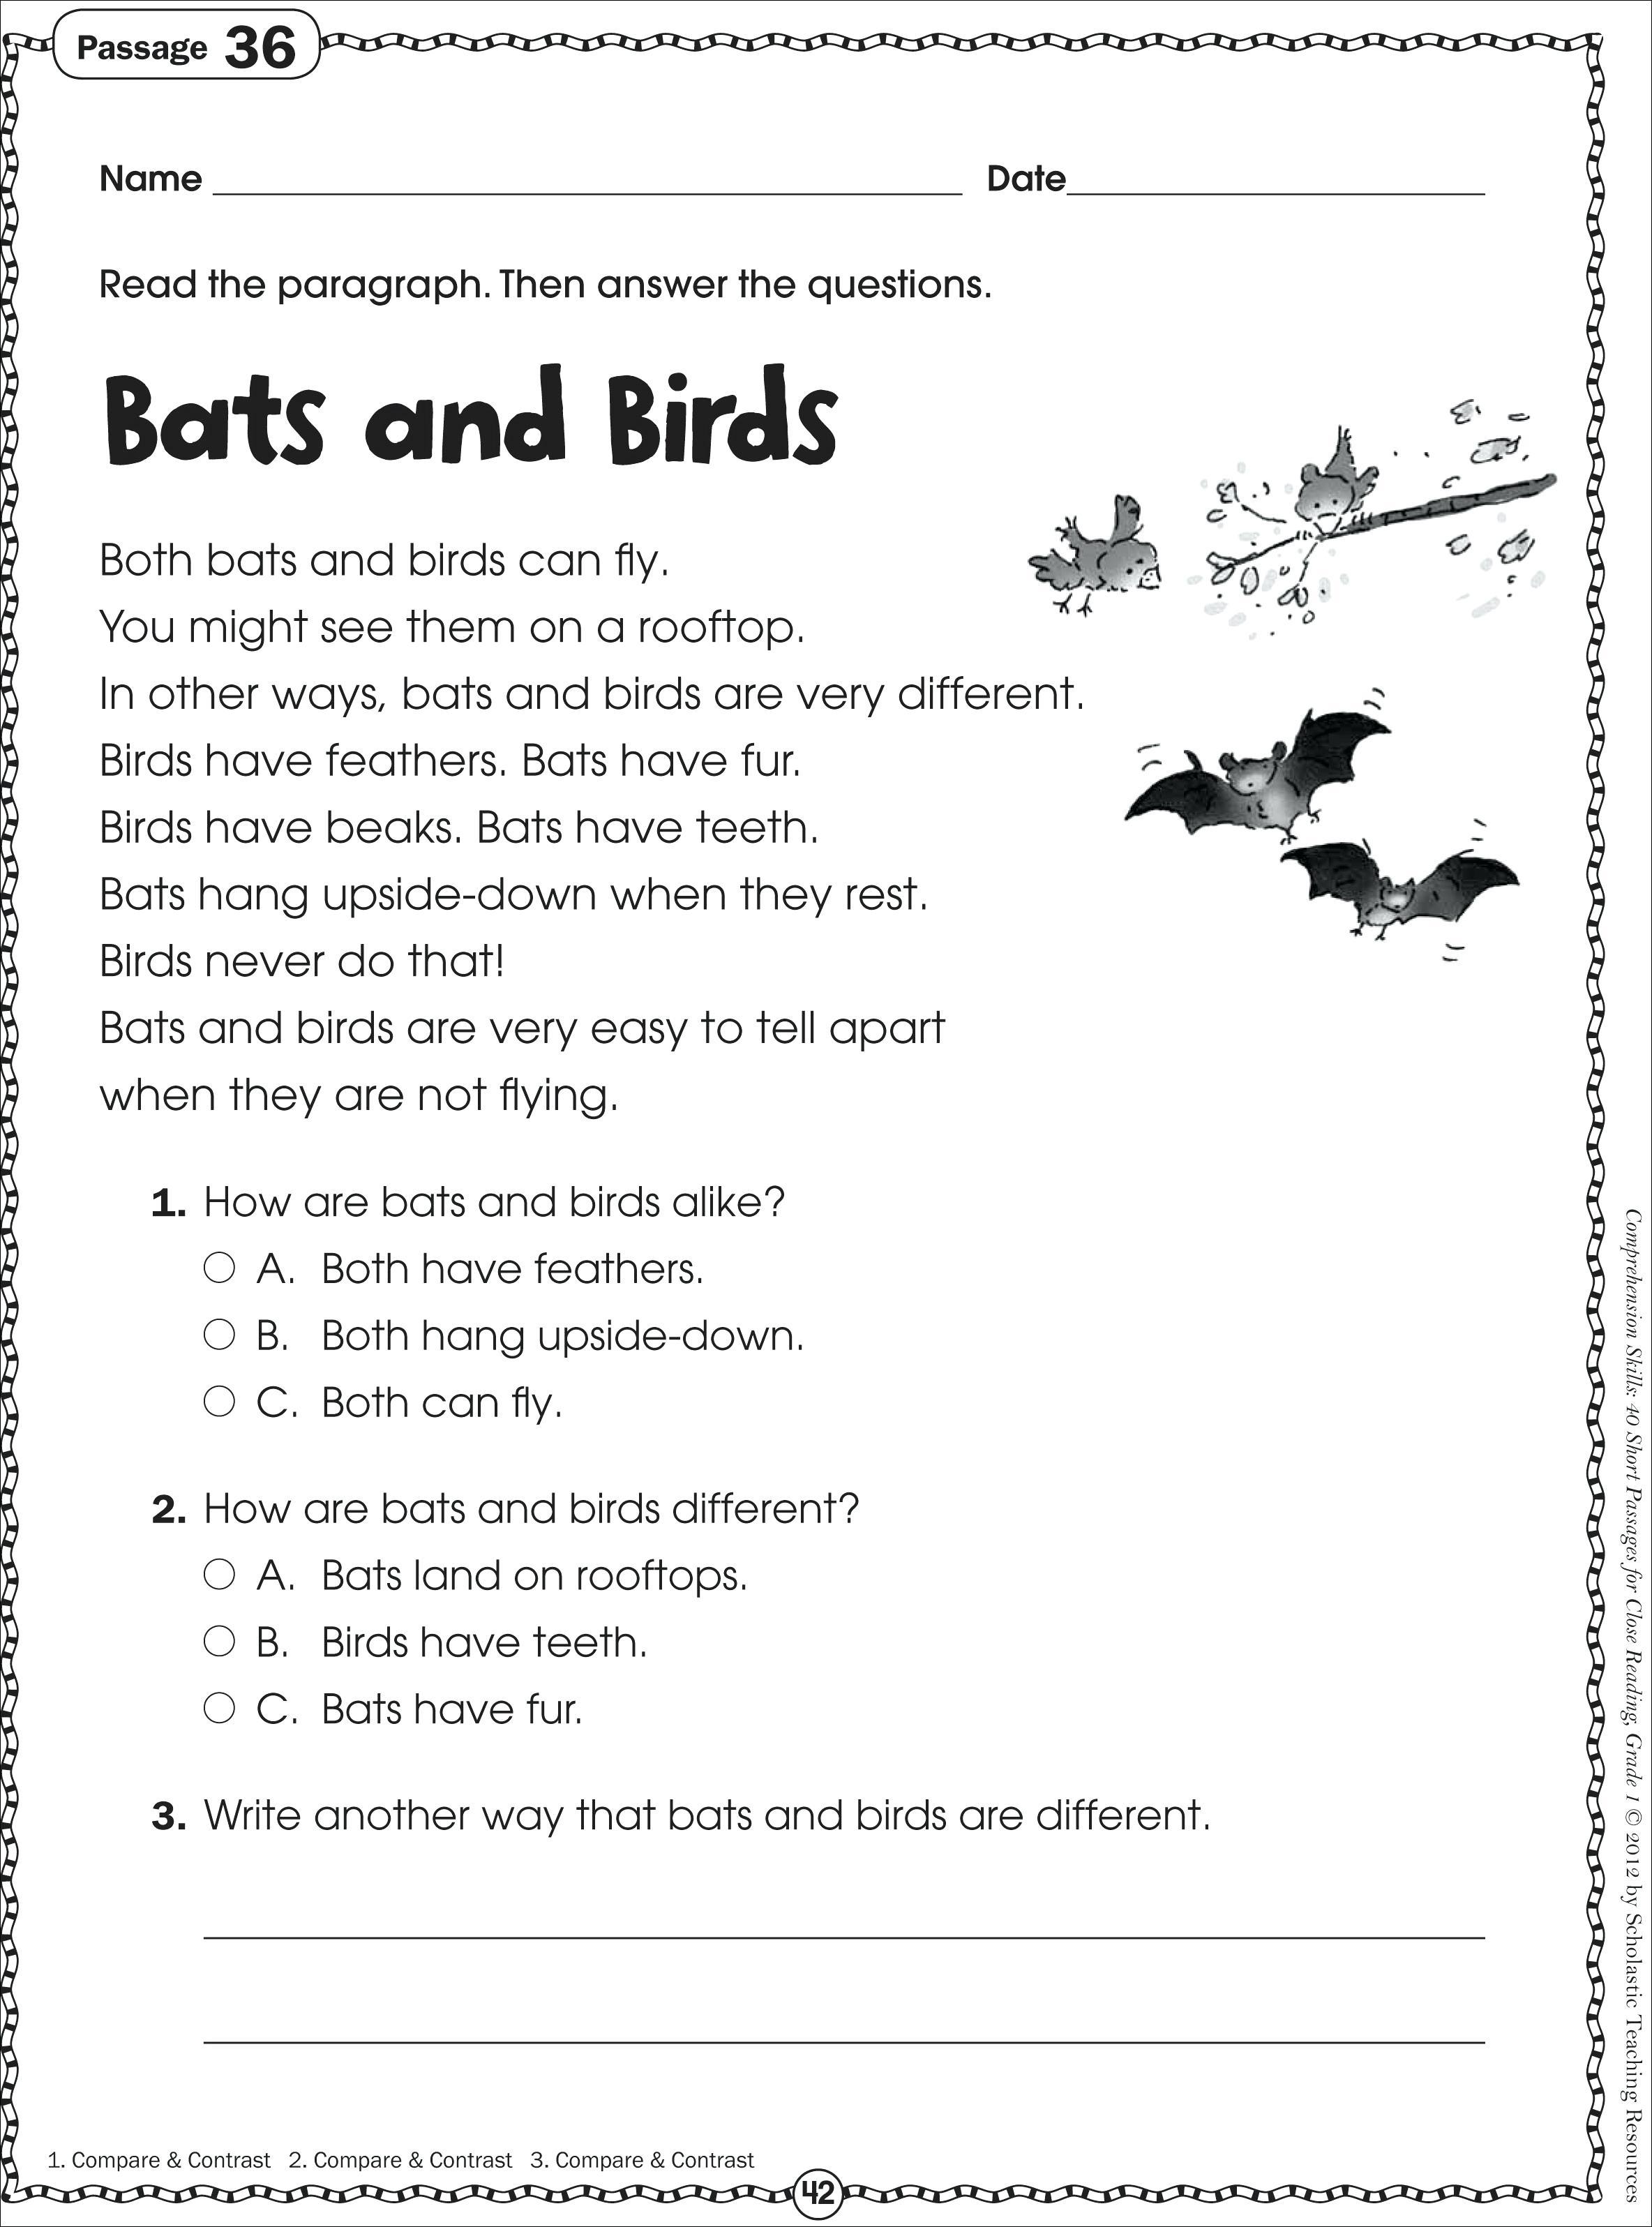 Printable Short Stories For 3Rd Grade Full Size Of Reading - Free Printable Short Stories For Grade 3